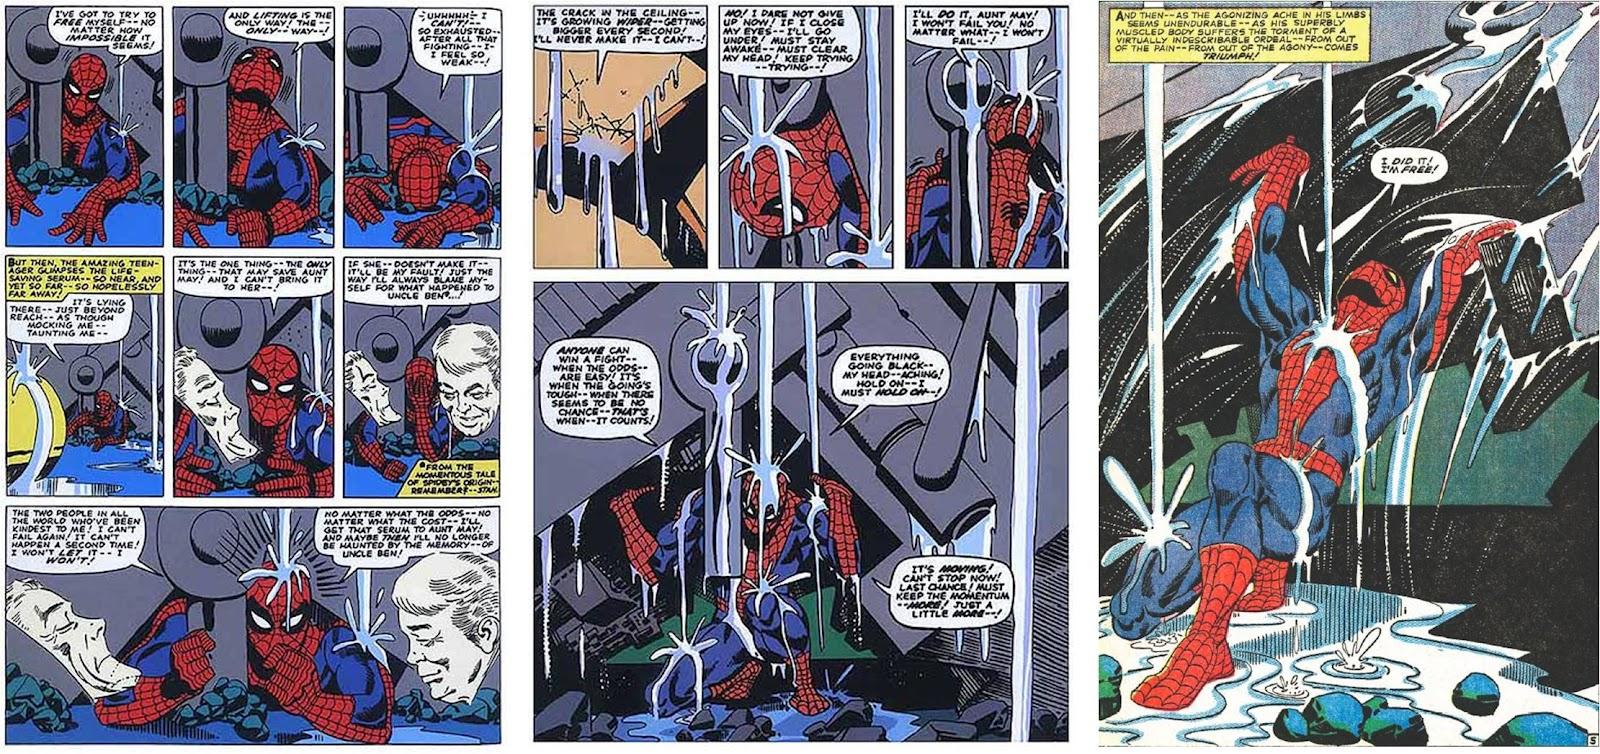 Una delle scene più famose nella storia di Spider-Man, in  Capitolo Finale . La rivalsa dell'eroe, l'epica, il leit motiv degli shonen. Lì si sarebbe trasformato in Super Sayan, tipo.